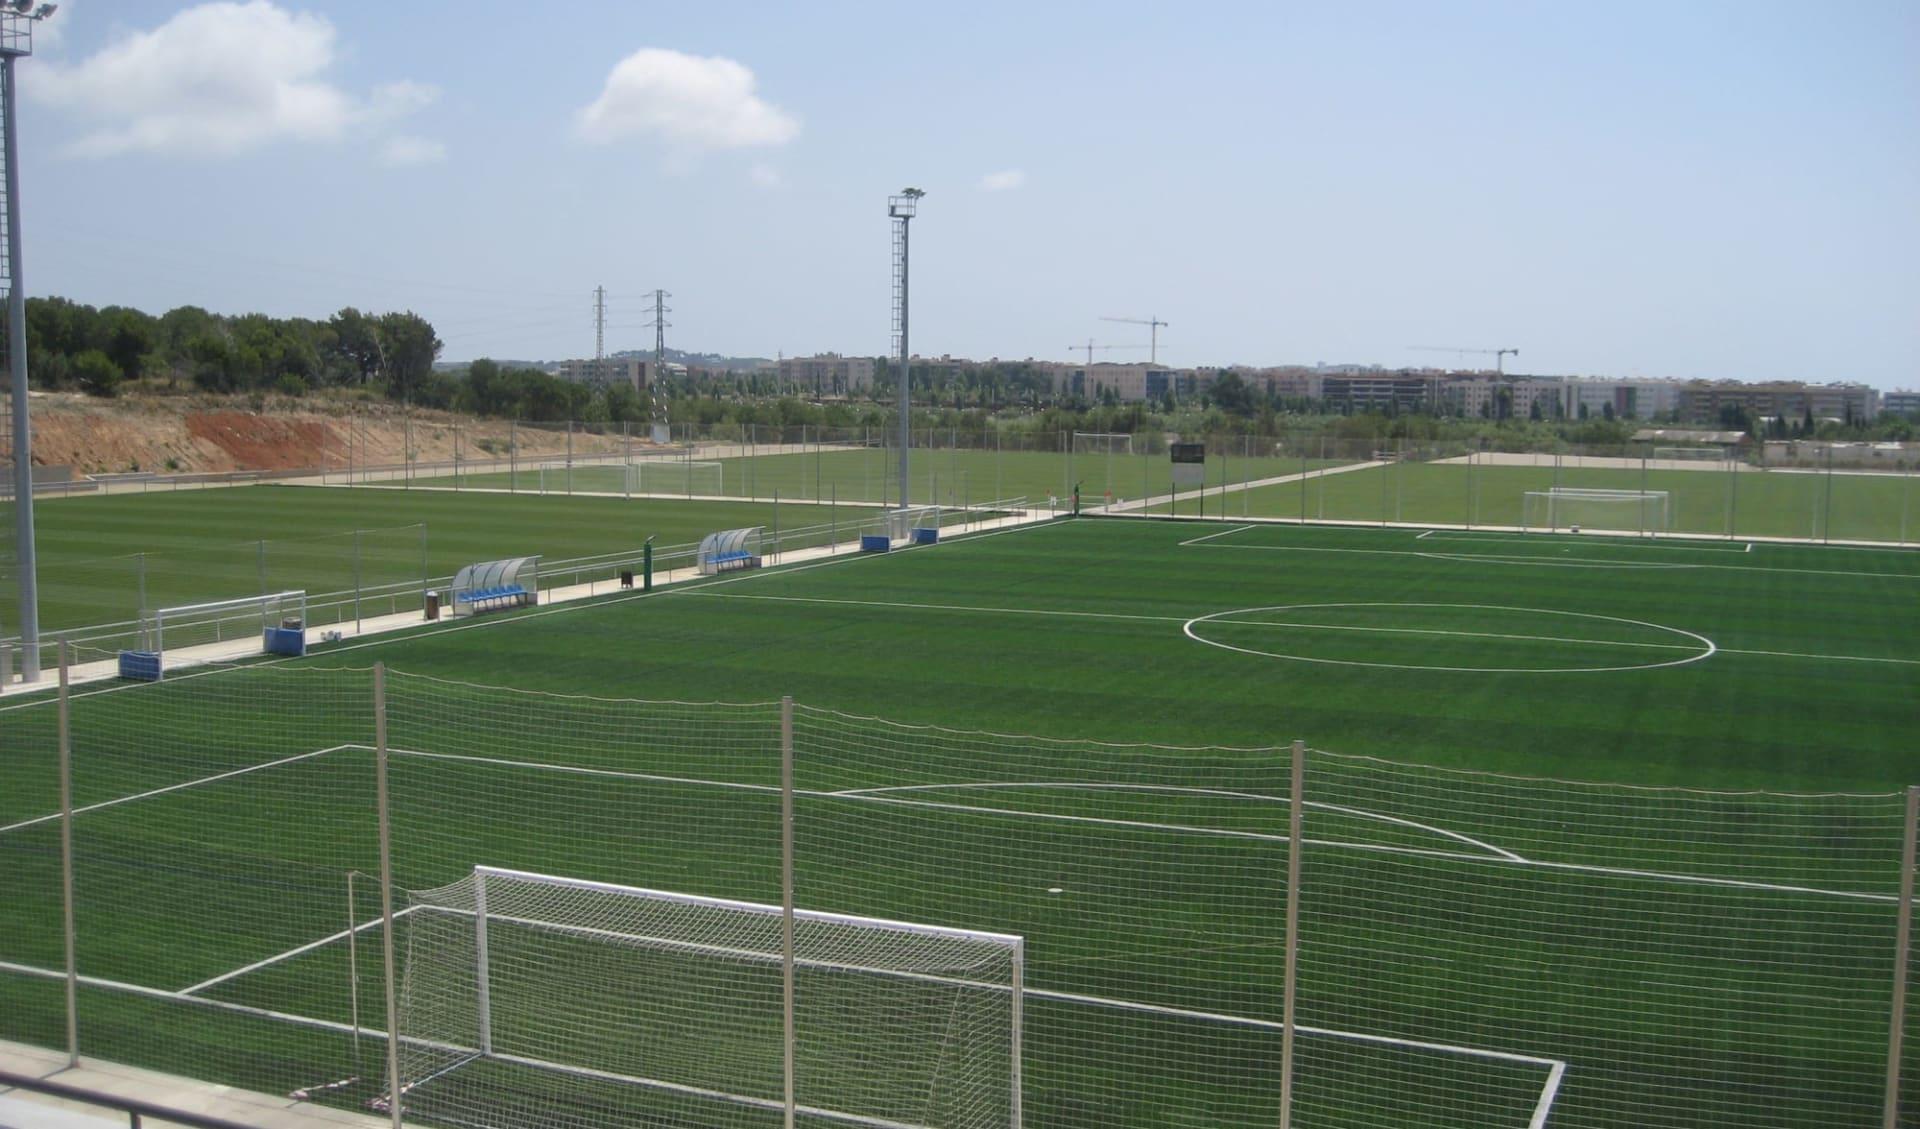 Costa Dorada - Cambrils Park Resort ab Tarragona: A2_Platz 2